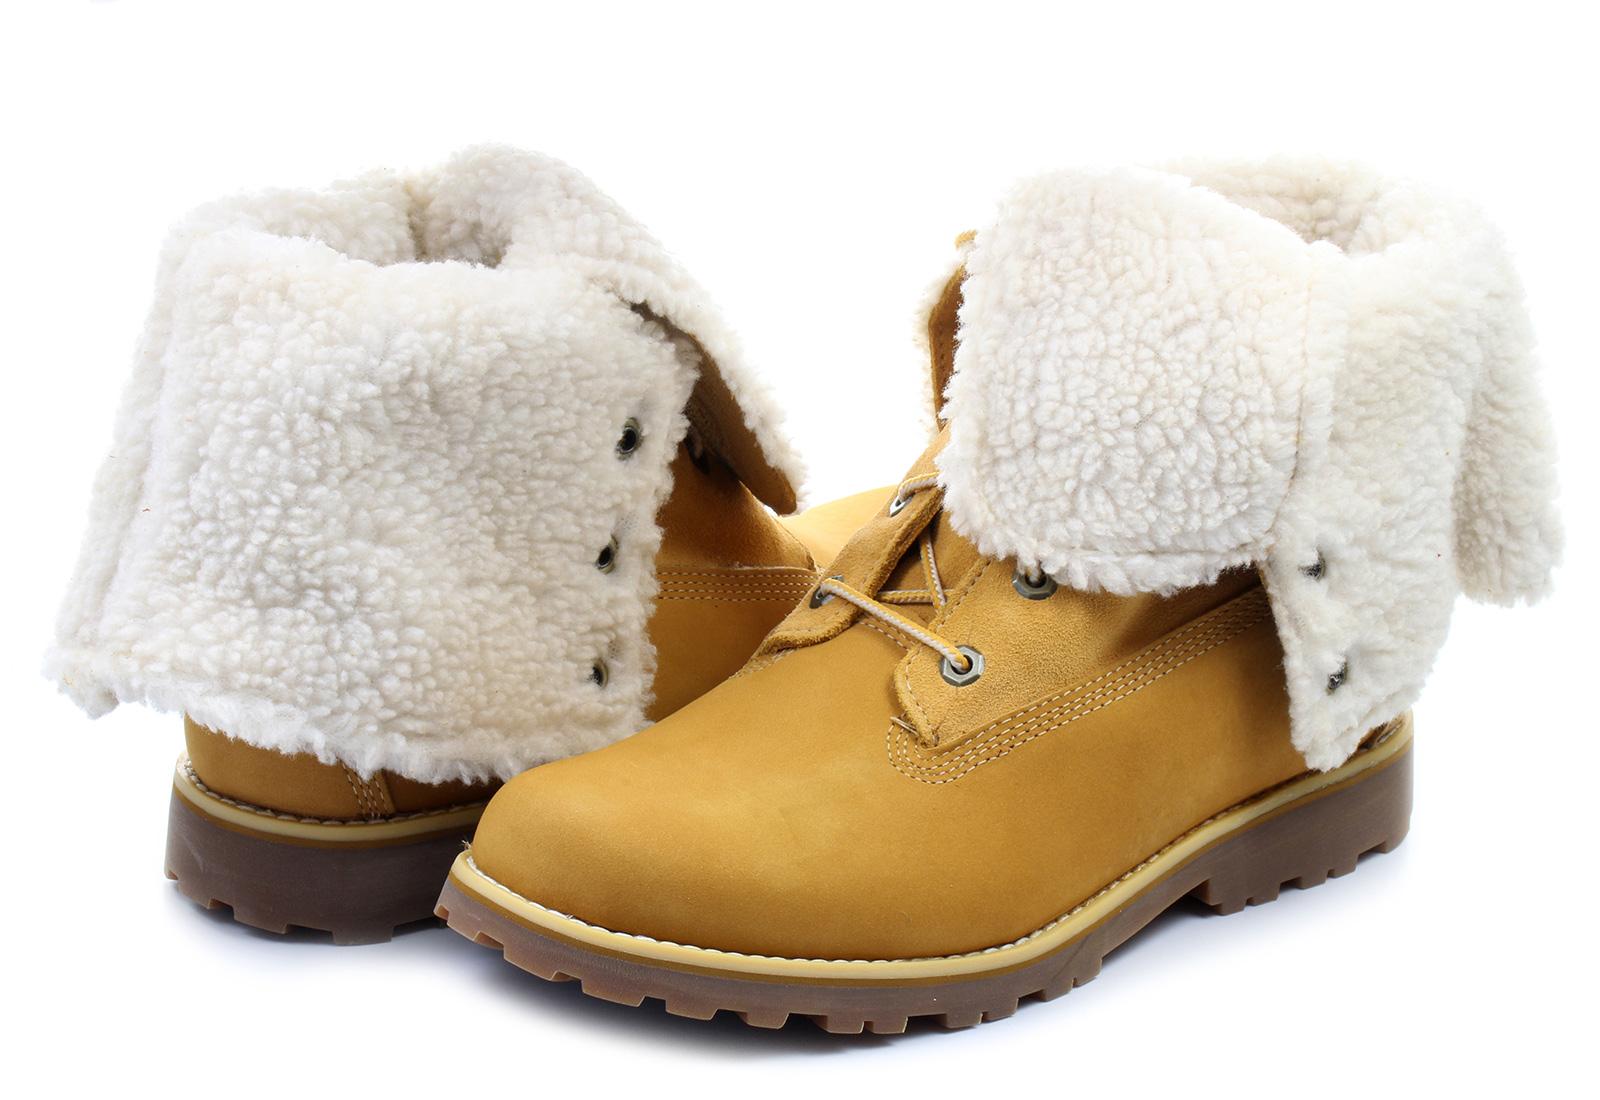 Enderezar Puñado Cuadrante  Timberland Buty Zimowe - 6-Inch Shrl Boot - a156n-whe - Obuwie i buty  damskie, męskie, dziecięce w Office Shoes